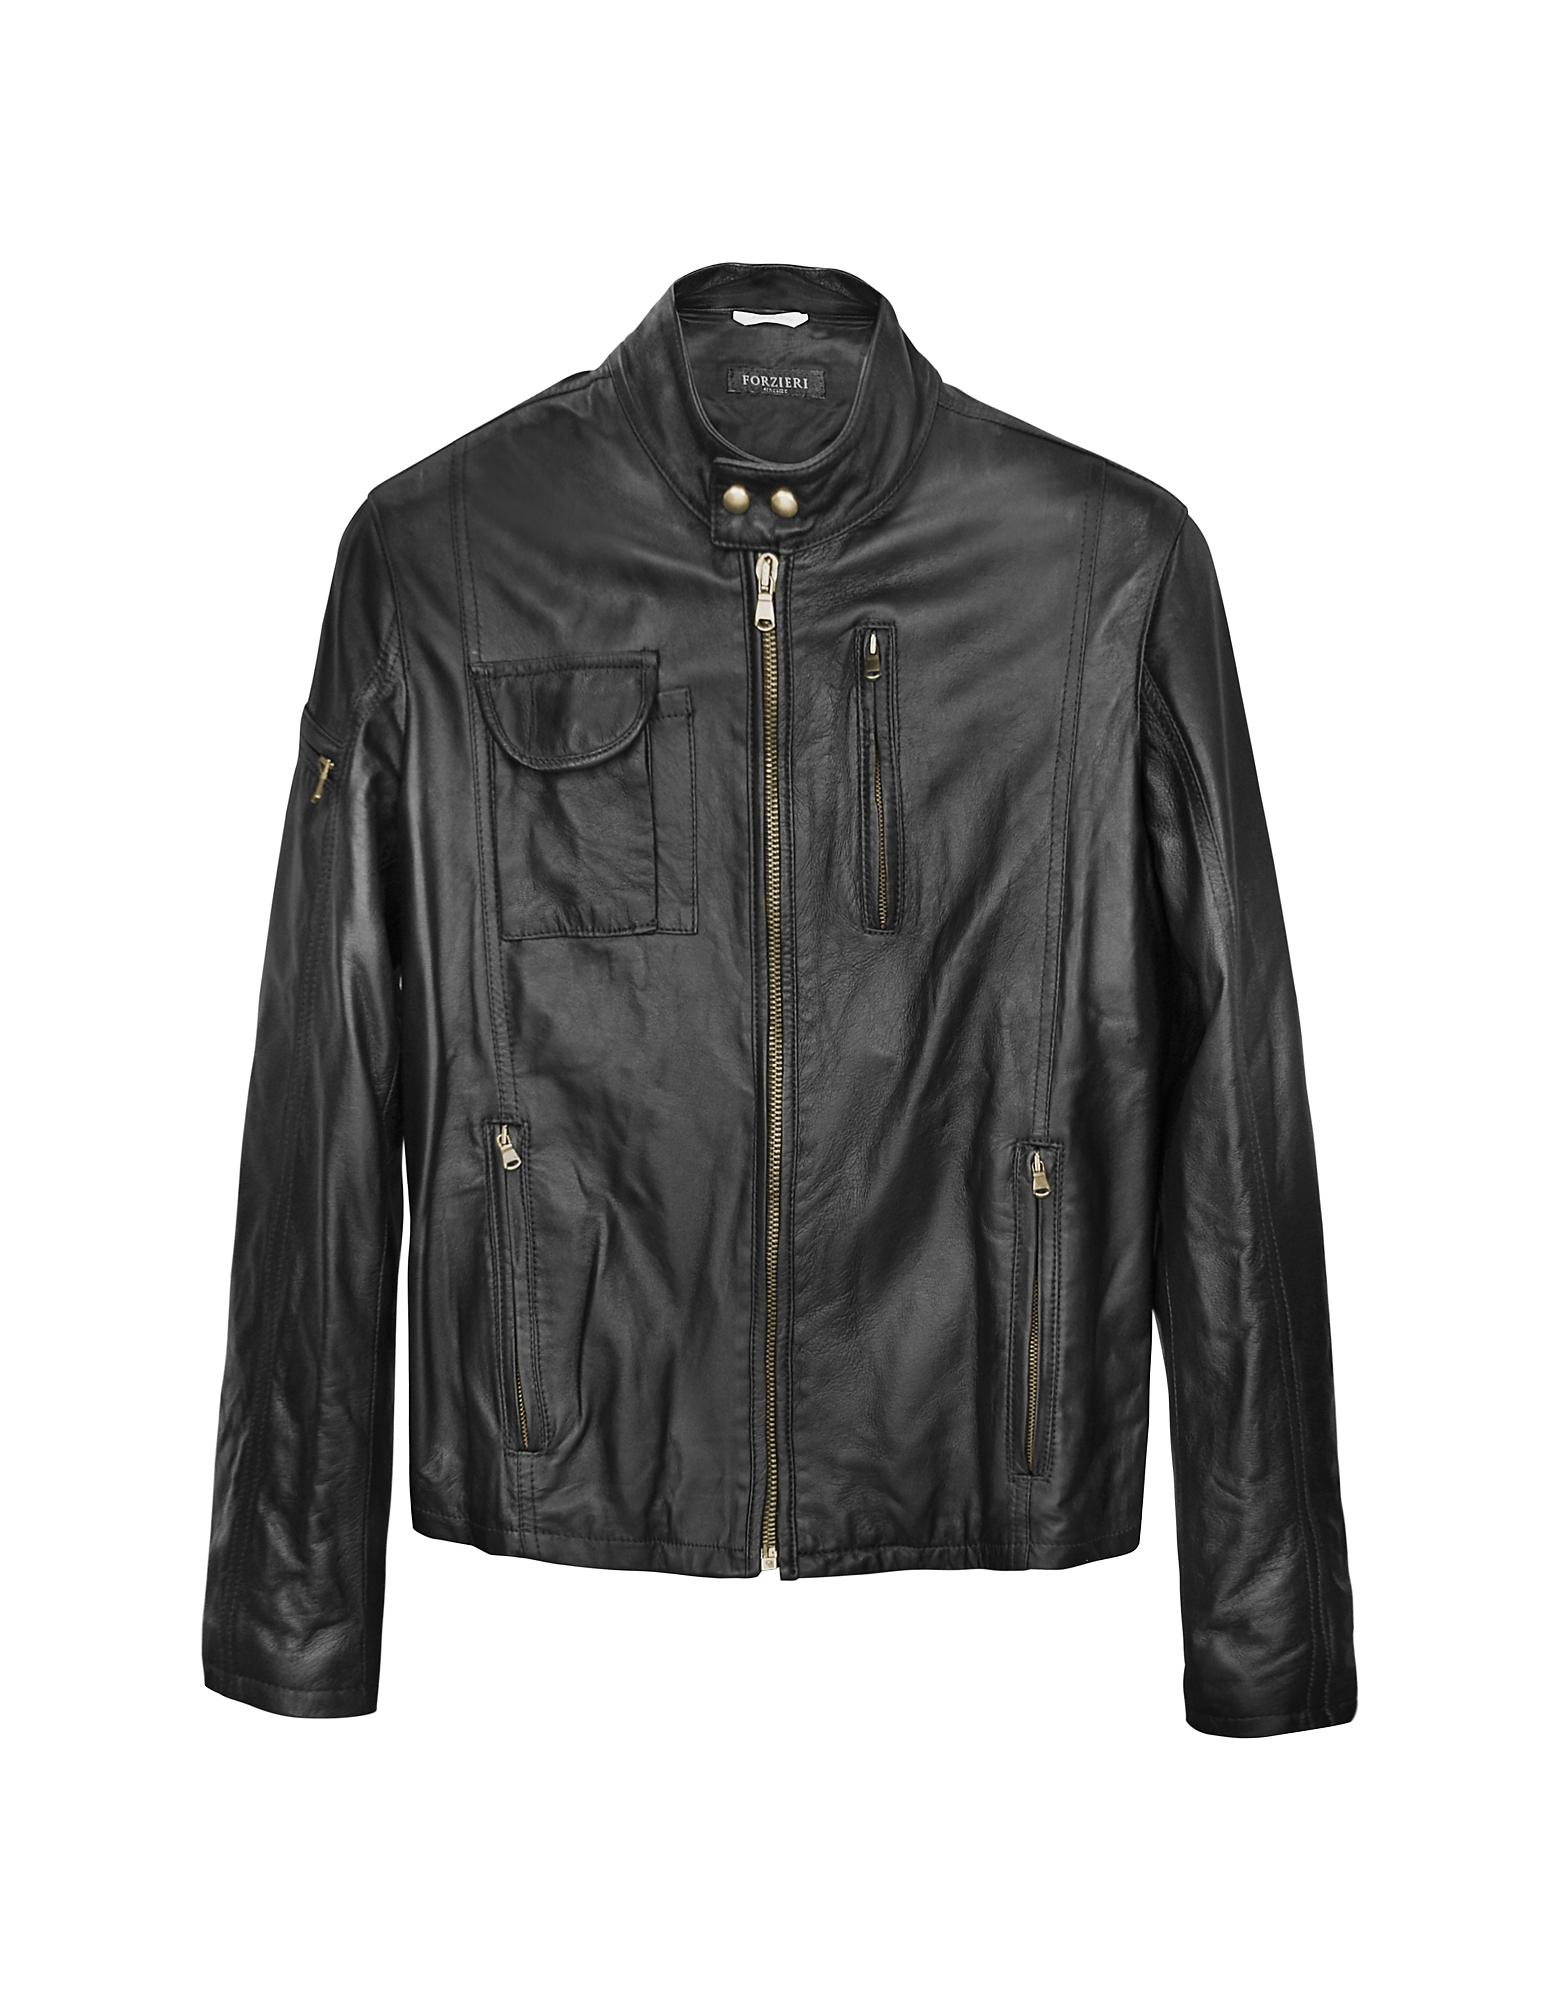 Итальянская Черная Кожаная Куртка в Мото Стиле